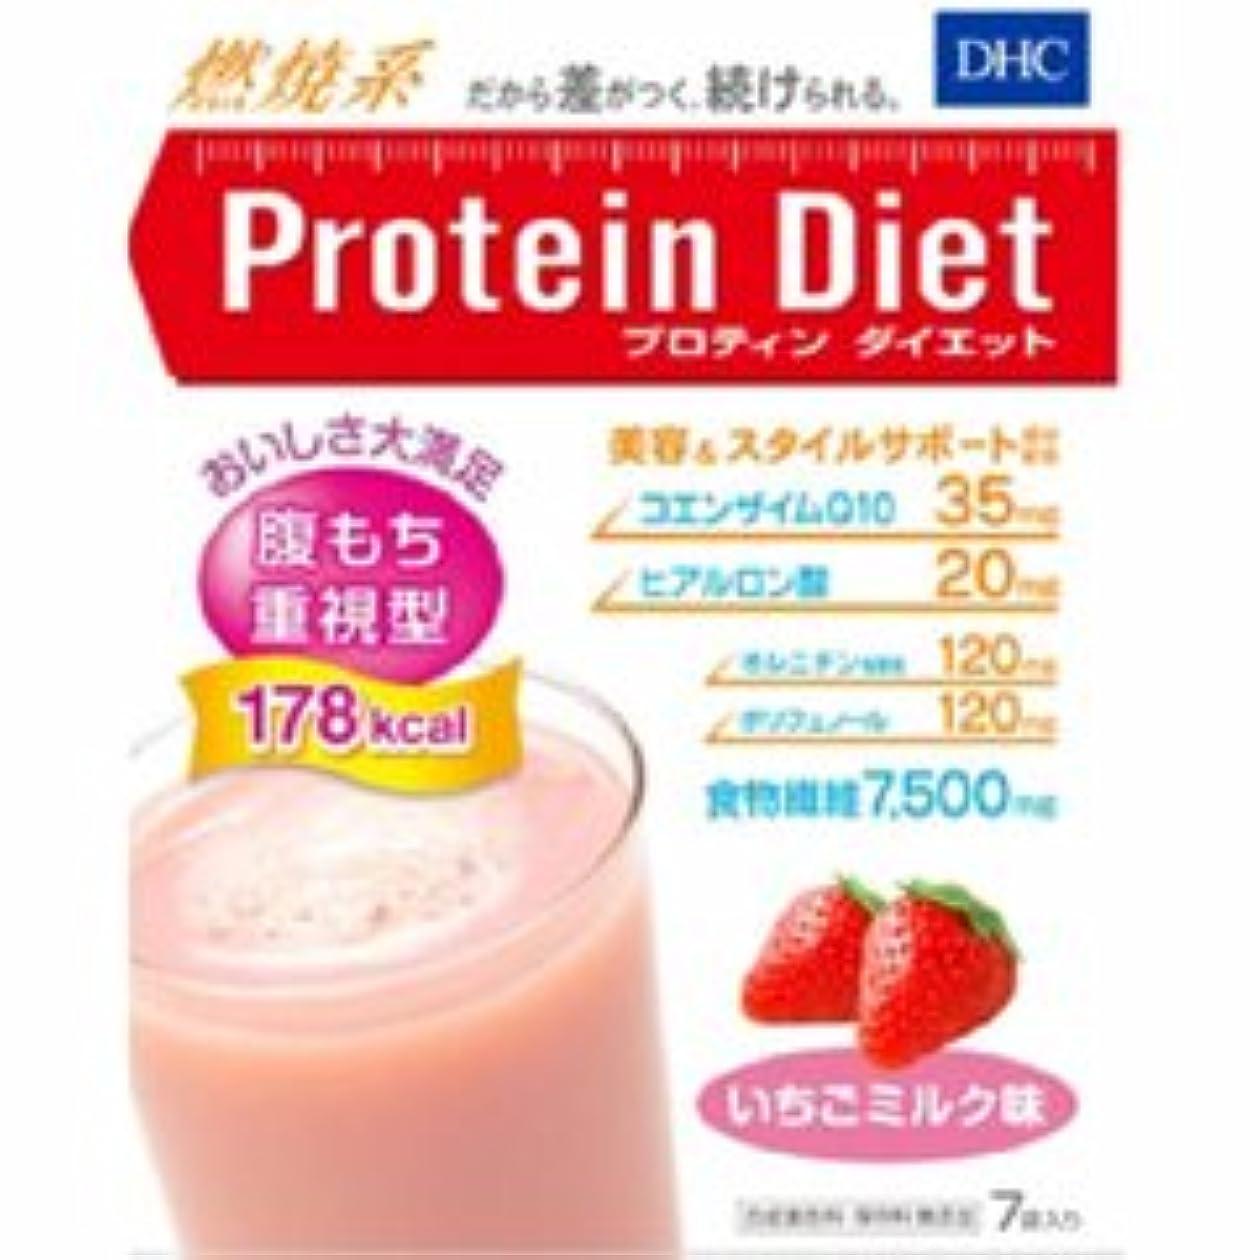 監督するビーチ道徳のDHCの健康食品 プロティンダイエット いちごミルク味 50g×7袋 【DHC】